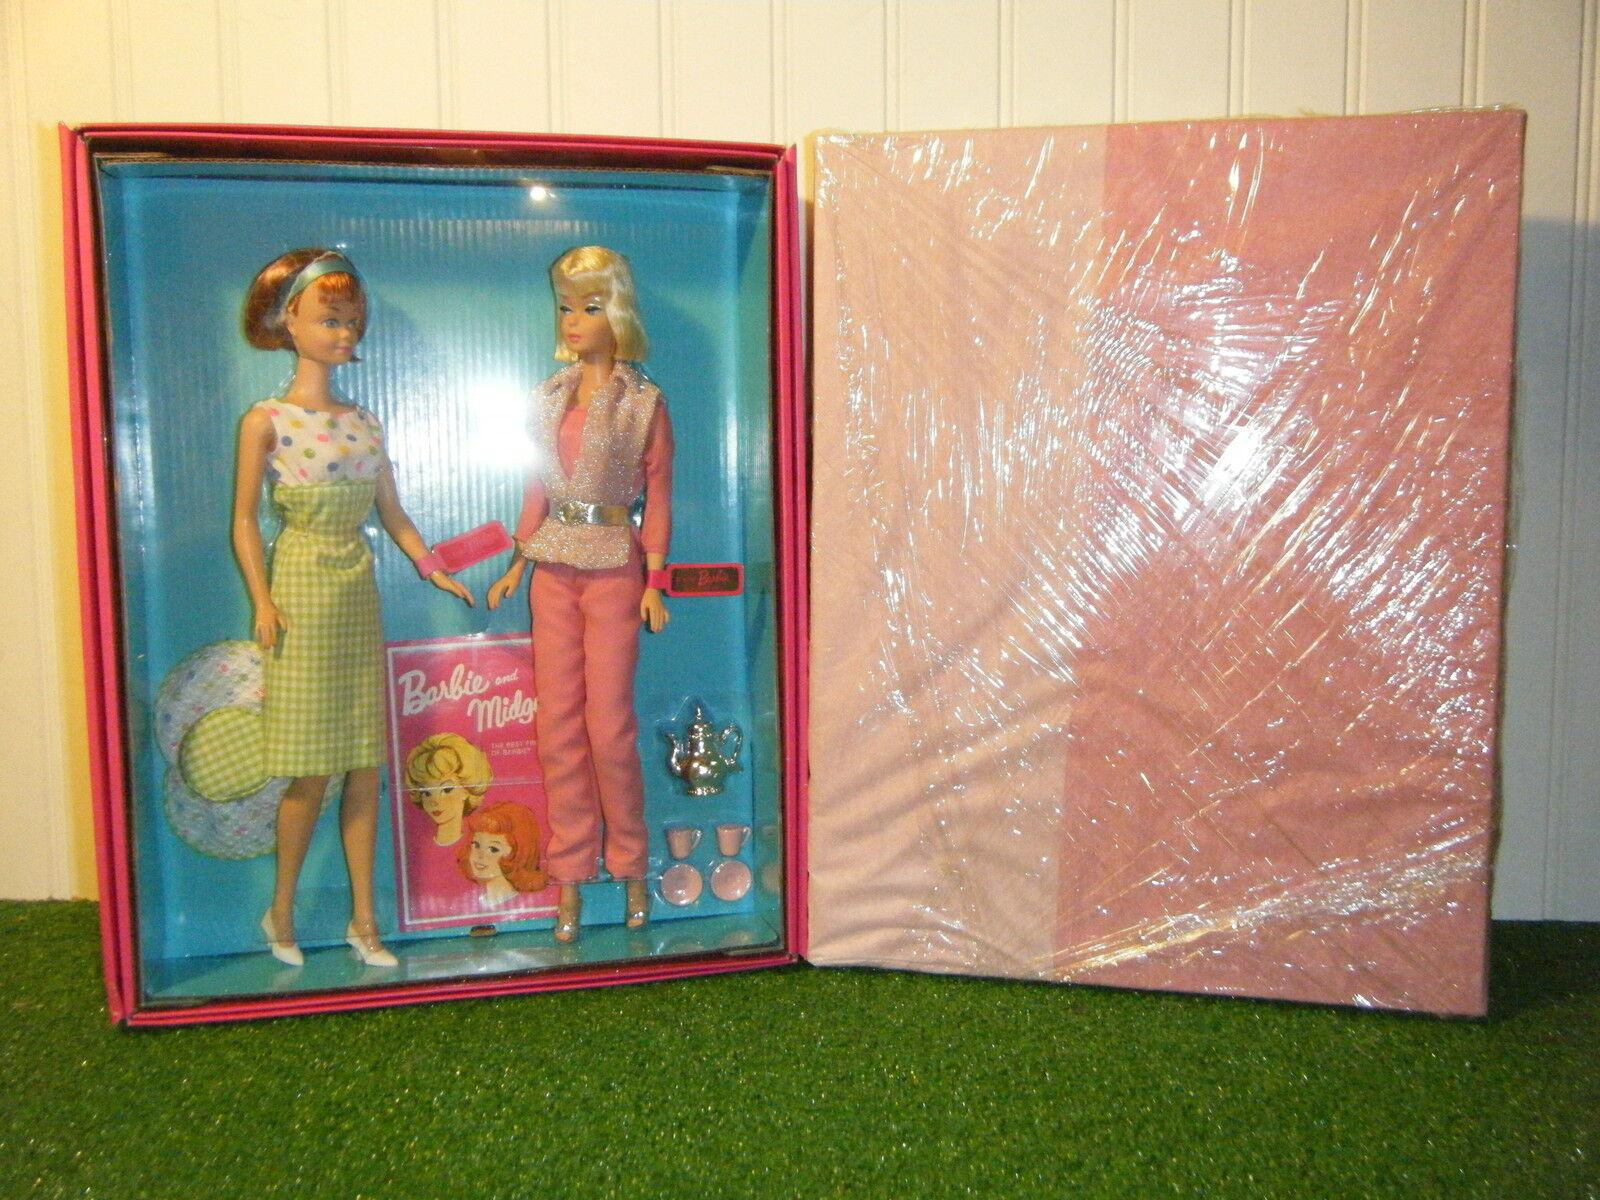 Barbie & a Midge 50th Aniversario Set De Regalo  Nuevo  en la fábrica de tejidos